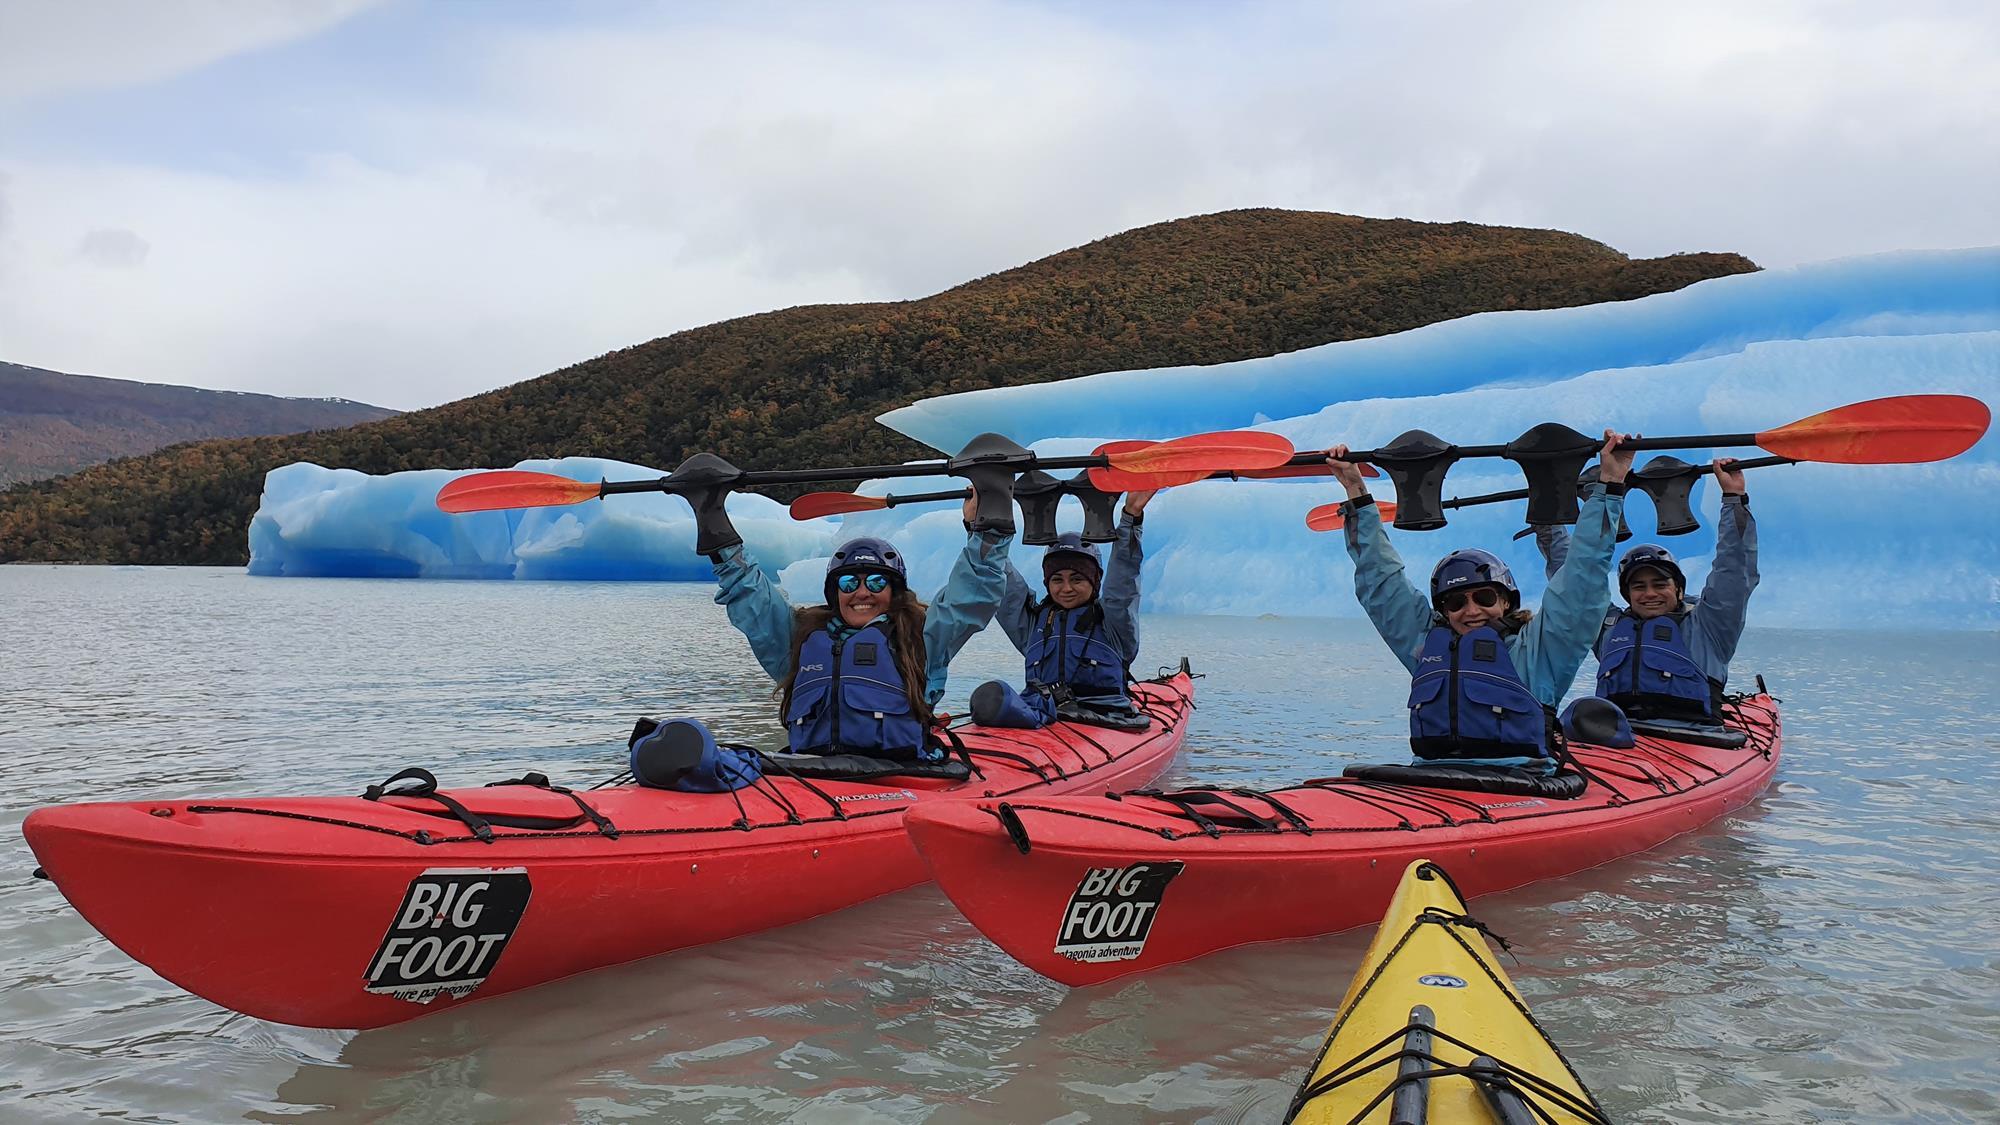 patagonia caiaque aventuras